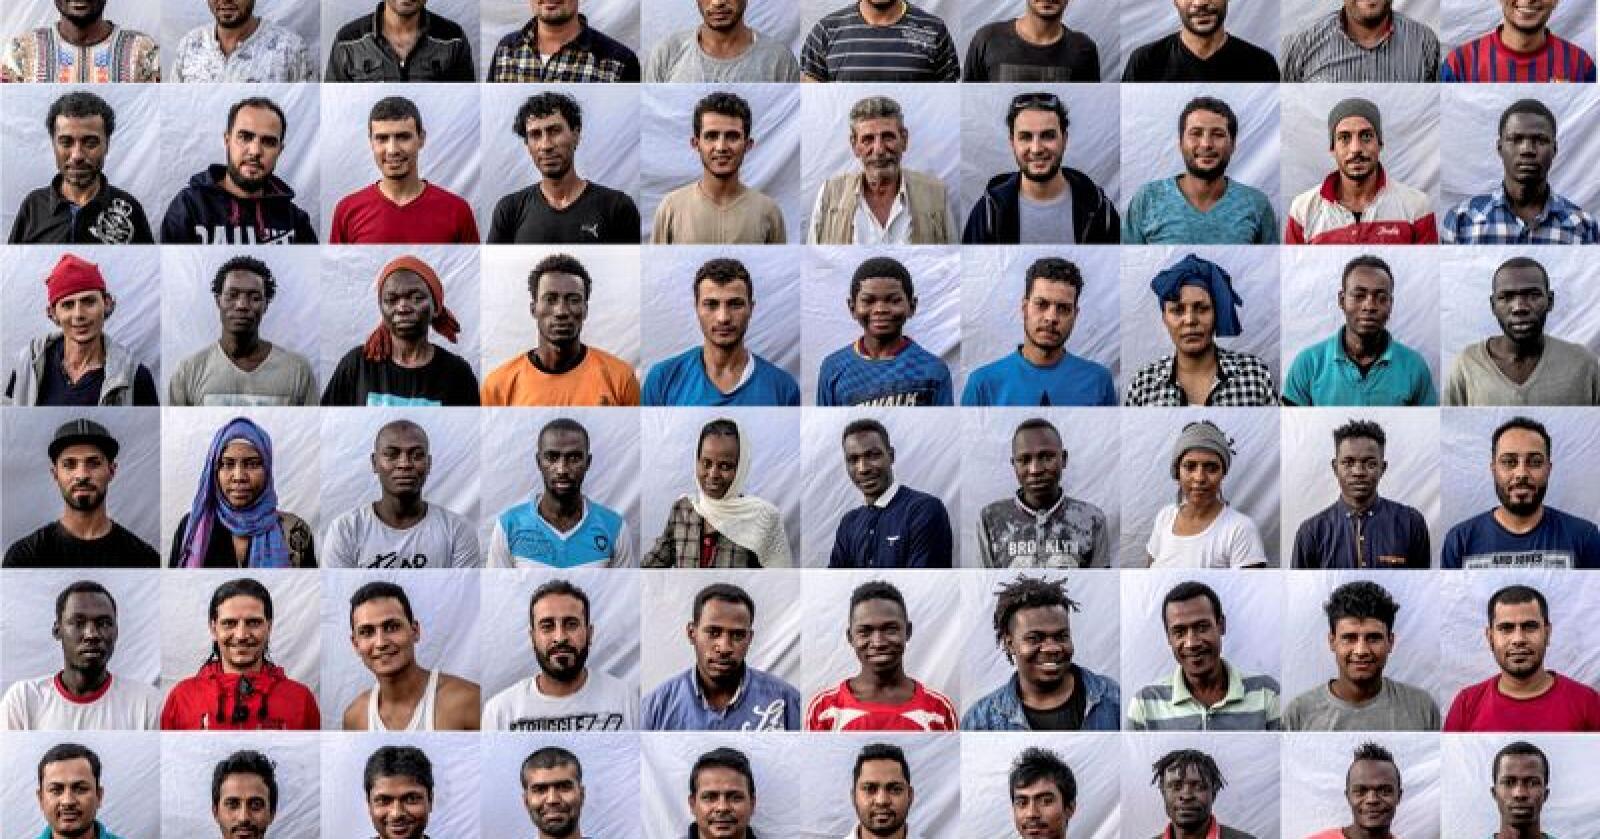 Druknet ikke: Seksti migranter, de aller fleste menn, plukket opp av redningsskipet Open Arms i Middelhavet. Foto: Olmo Calvo / AP / NTB scanpix